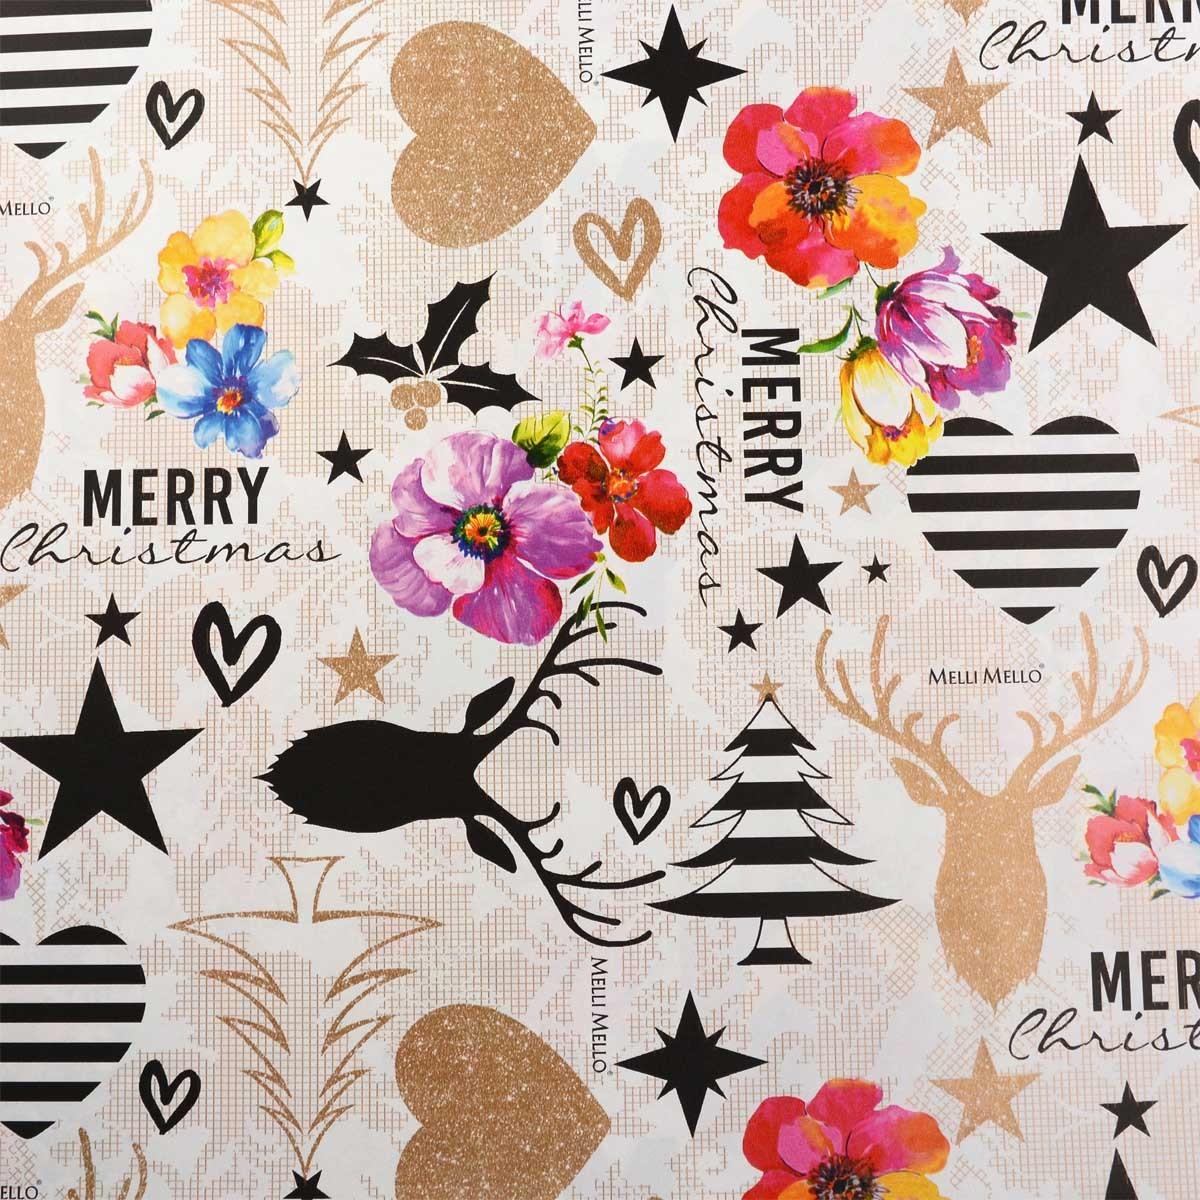 Melli Mello geschenkpapier Merry Christmas